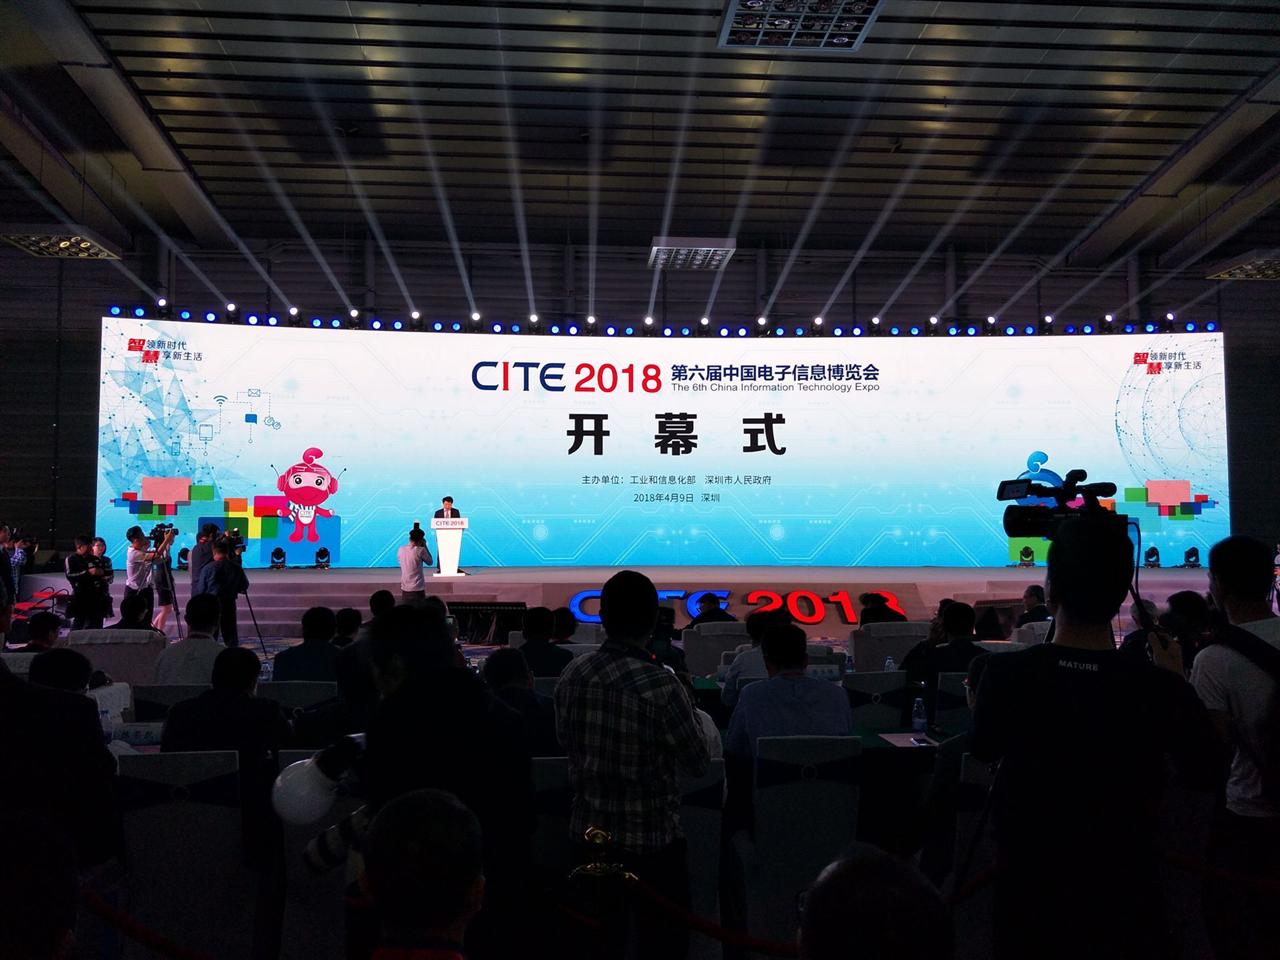 第六届中国电子信息博览会今天在深盛大开幕